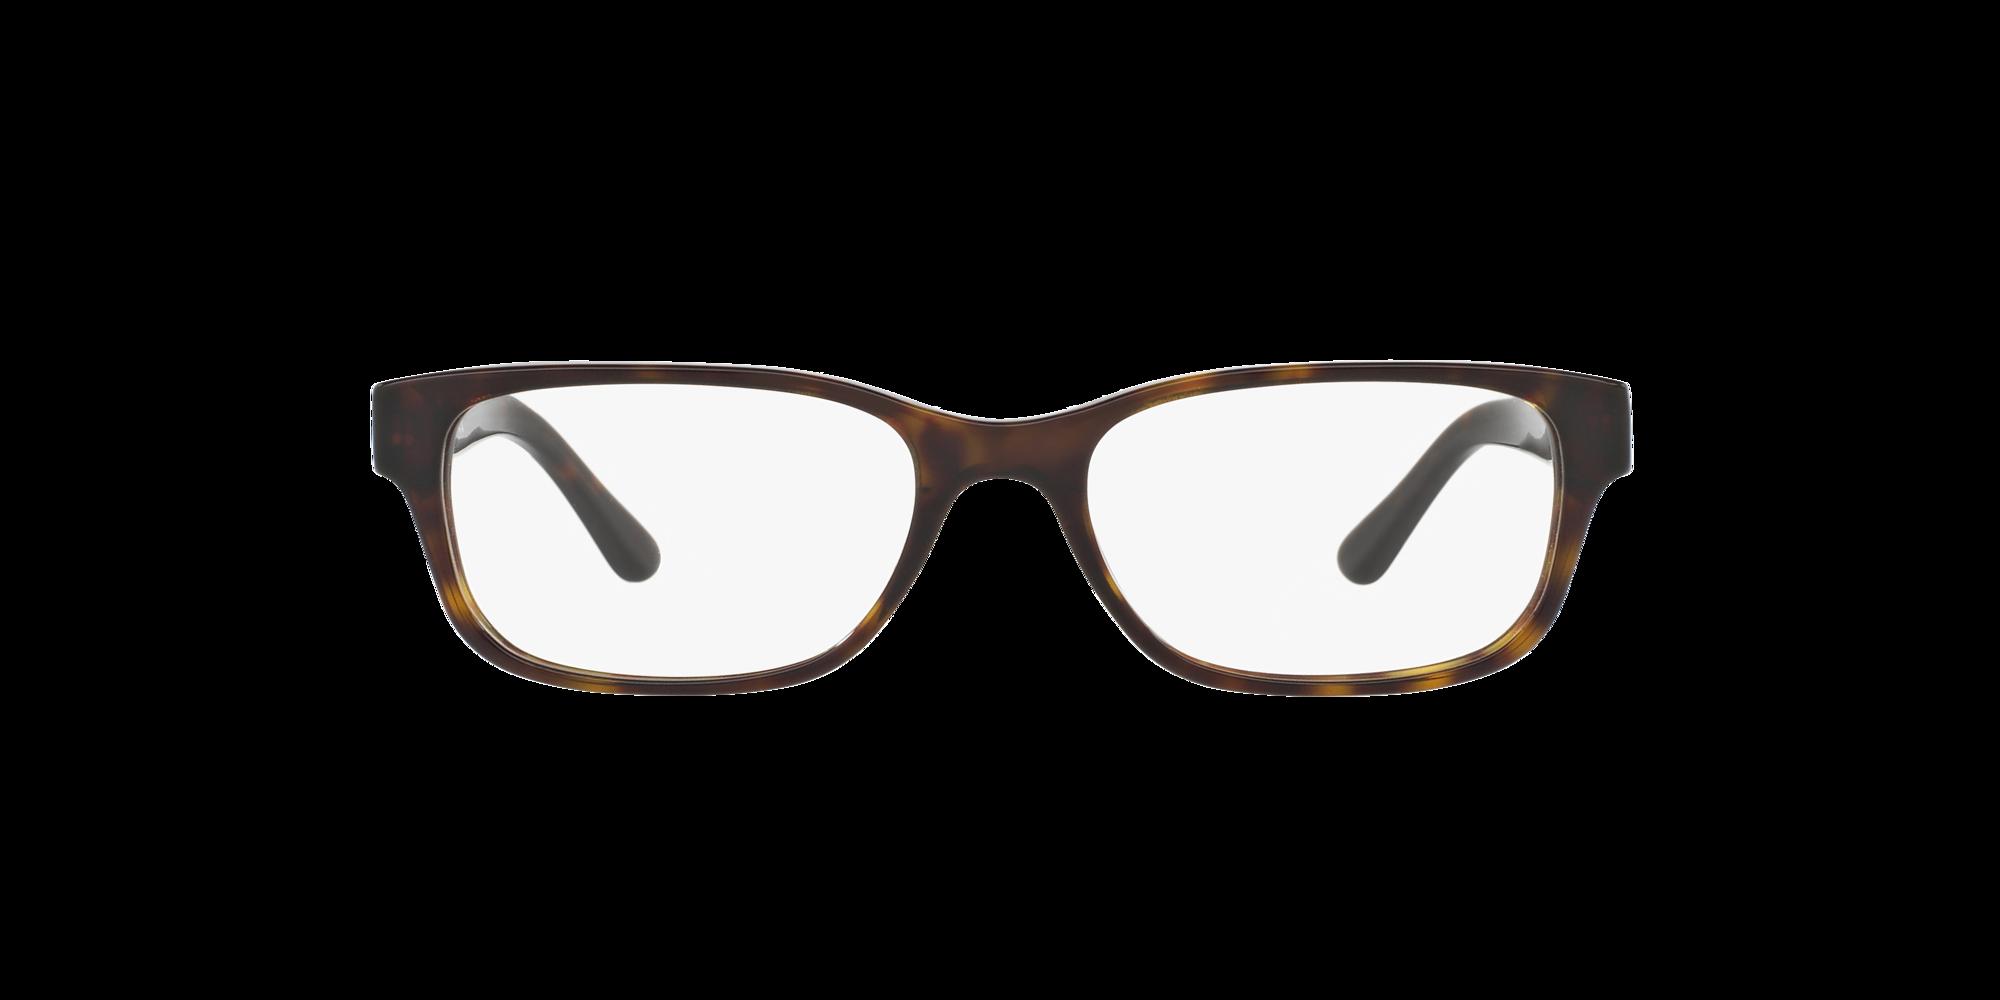 Imagen para TY2067 de LensCrafters    Espejuelos, espejuelos graduados en línea, gafas